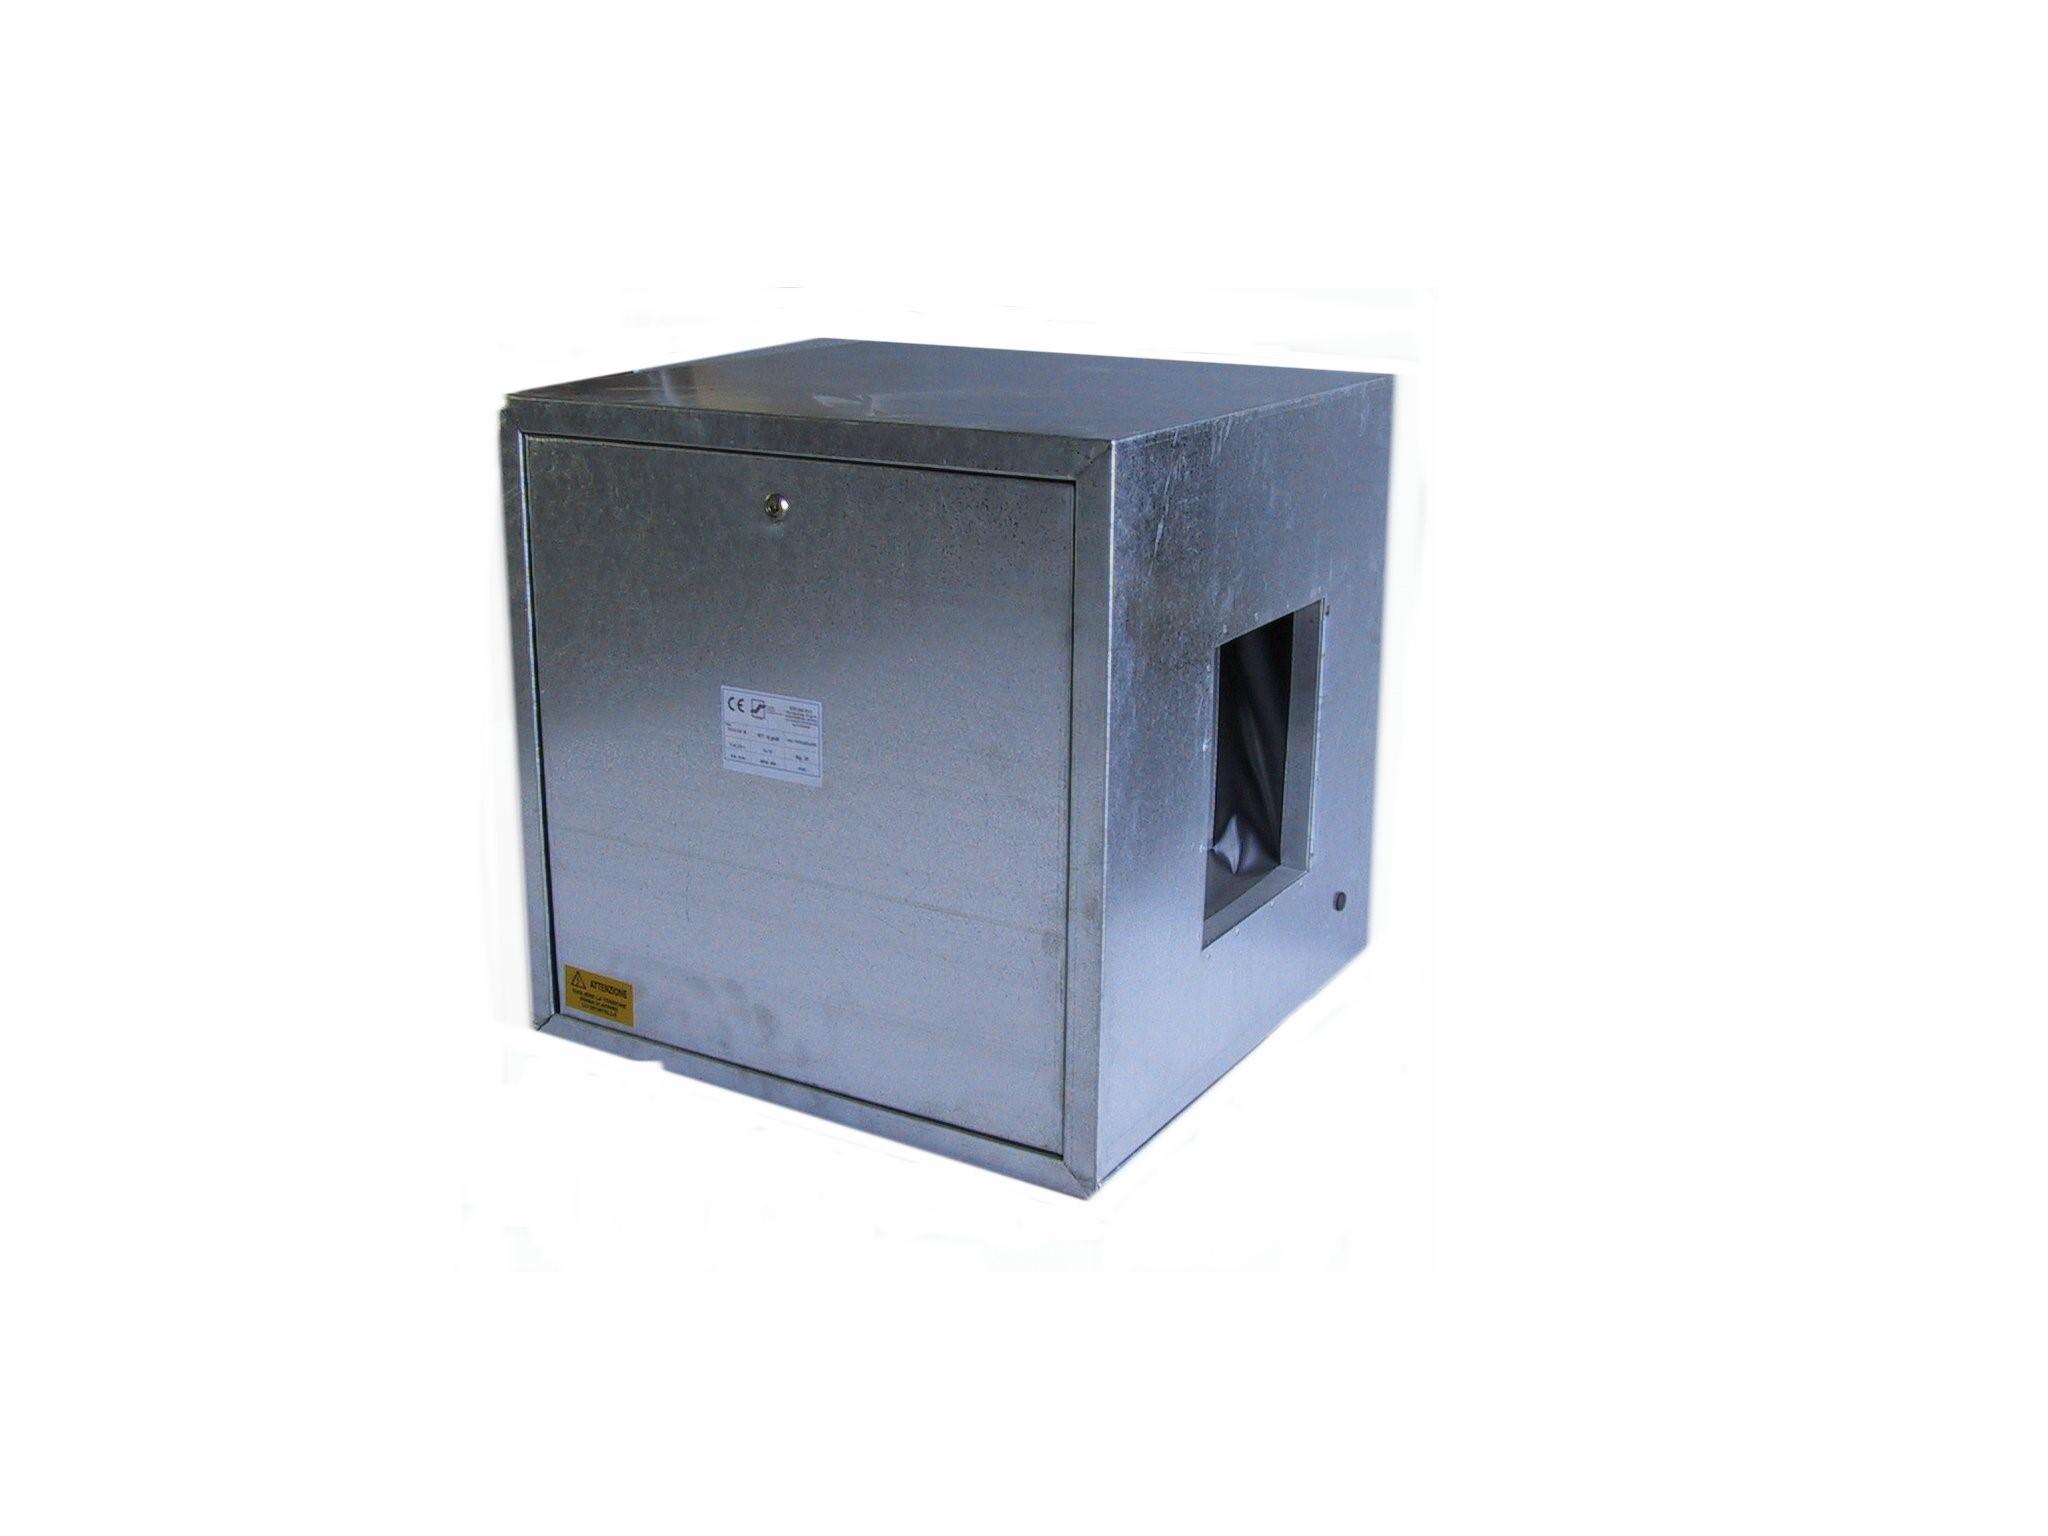 Ventilatore cassonato a semplice aspirazione con motore direttamente accoppiato 2,2 Kw 380 V grandezza 351